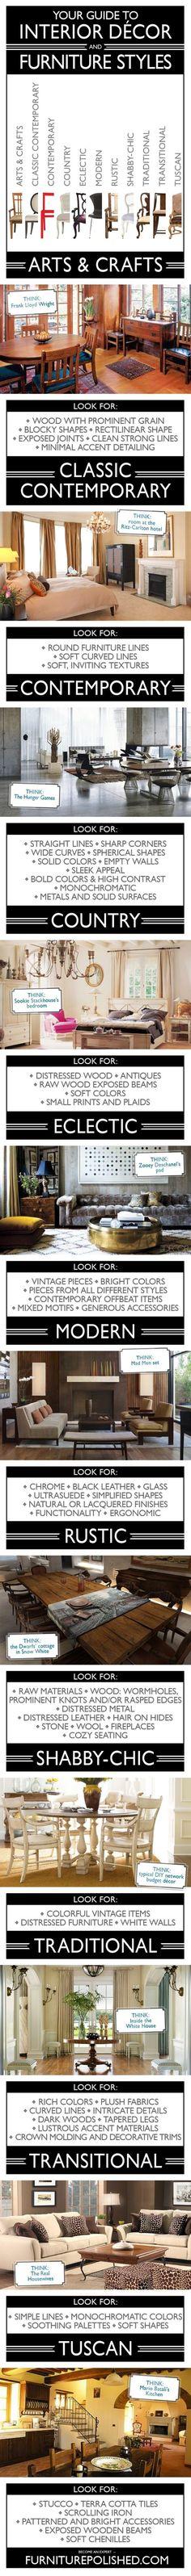 Interior Decor & Furniture Styles Guide: pretty good breakdown.